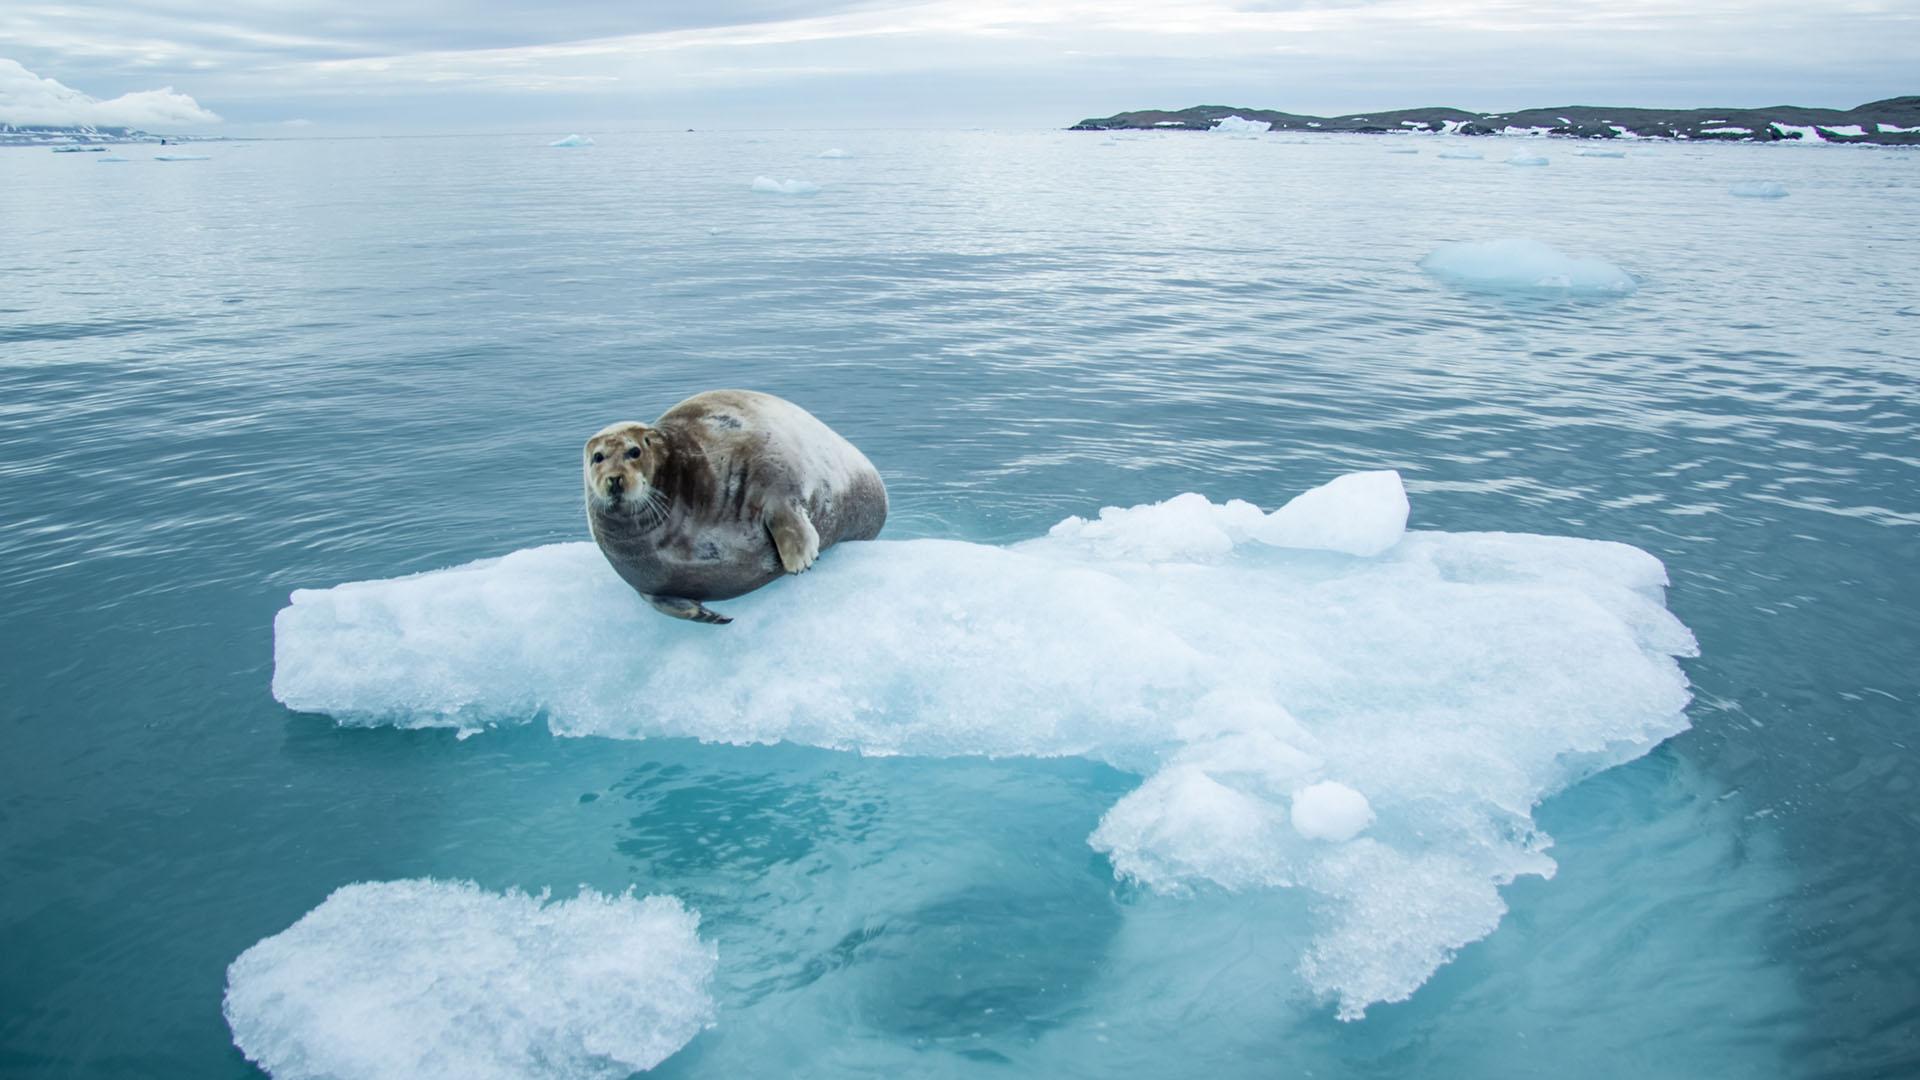 Hyljevirus leviää, kun merijäätä on vähän. Silloin merinisäkkäät pääsevät kulkemaan uusille elinalueille ja vievät virusta mukanaan.